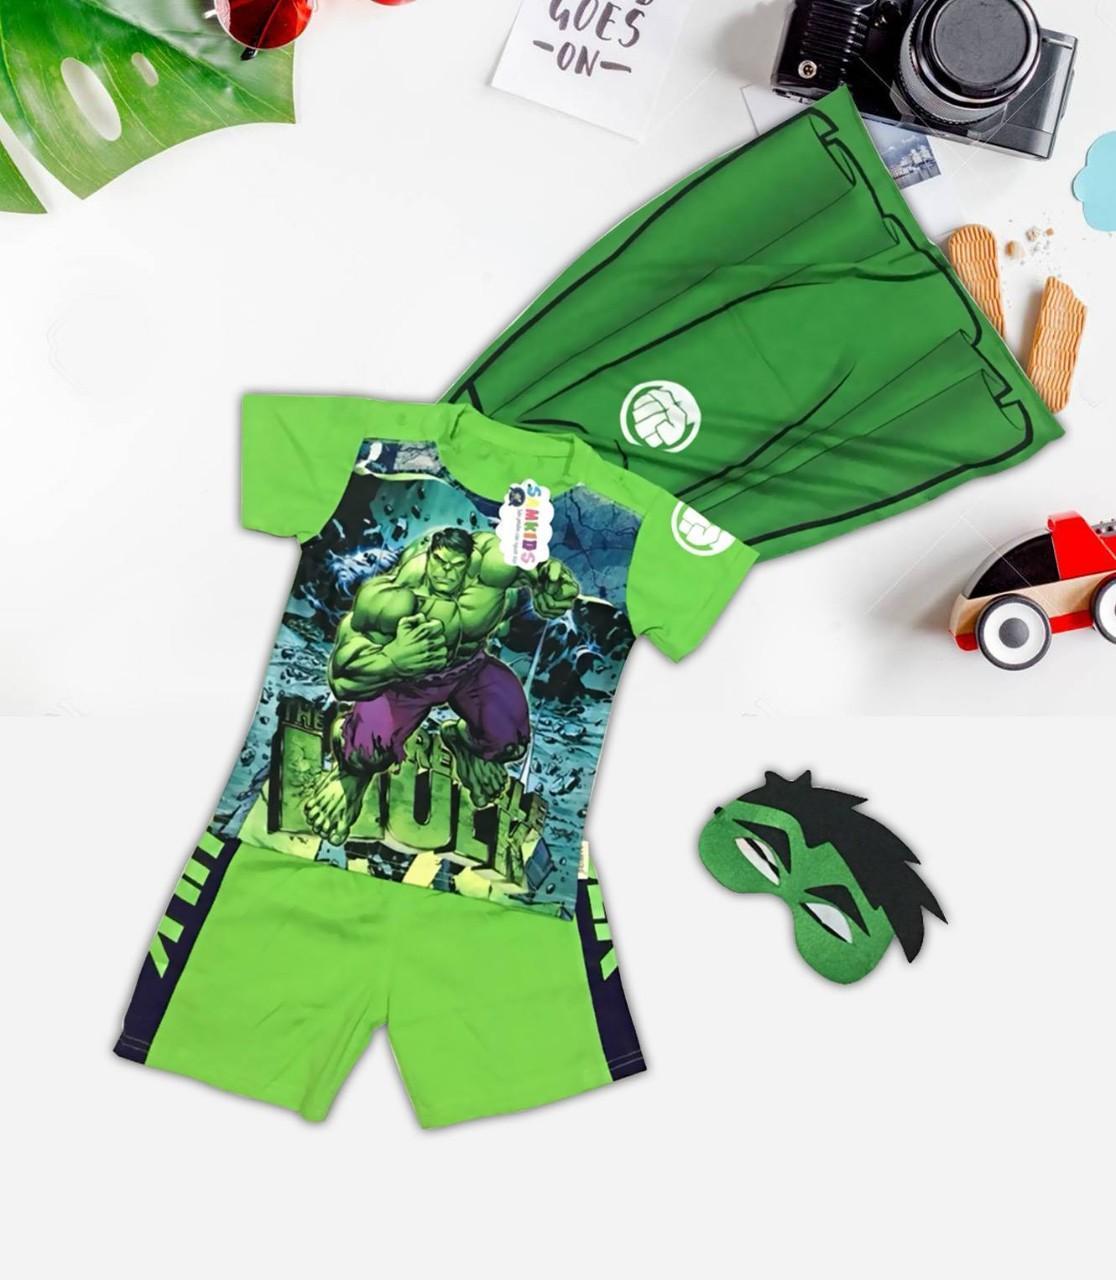 Kết quả hình ảnh cho quần áo hình người khổng lồ xanh Hulk